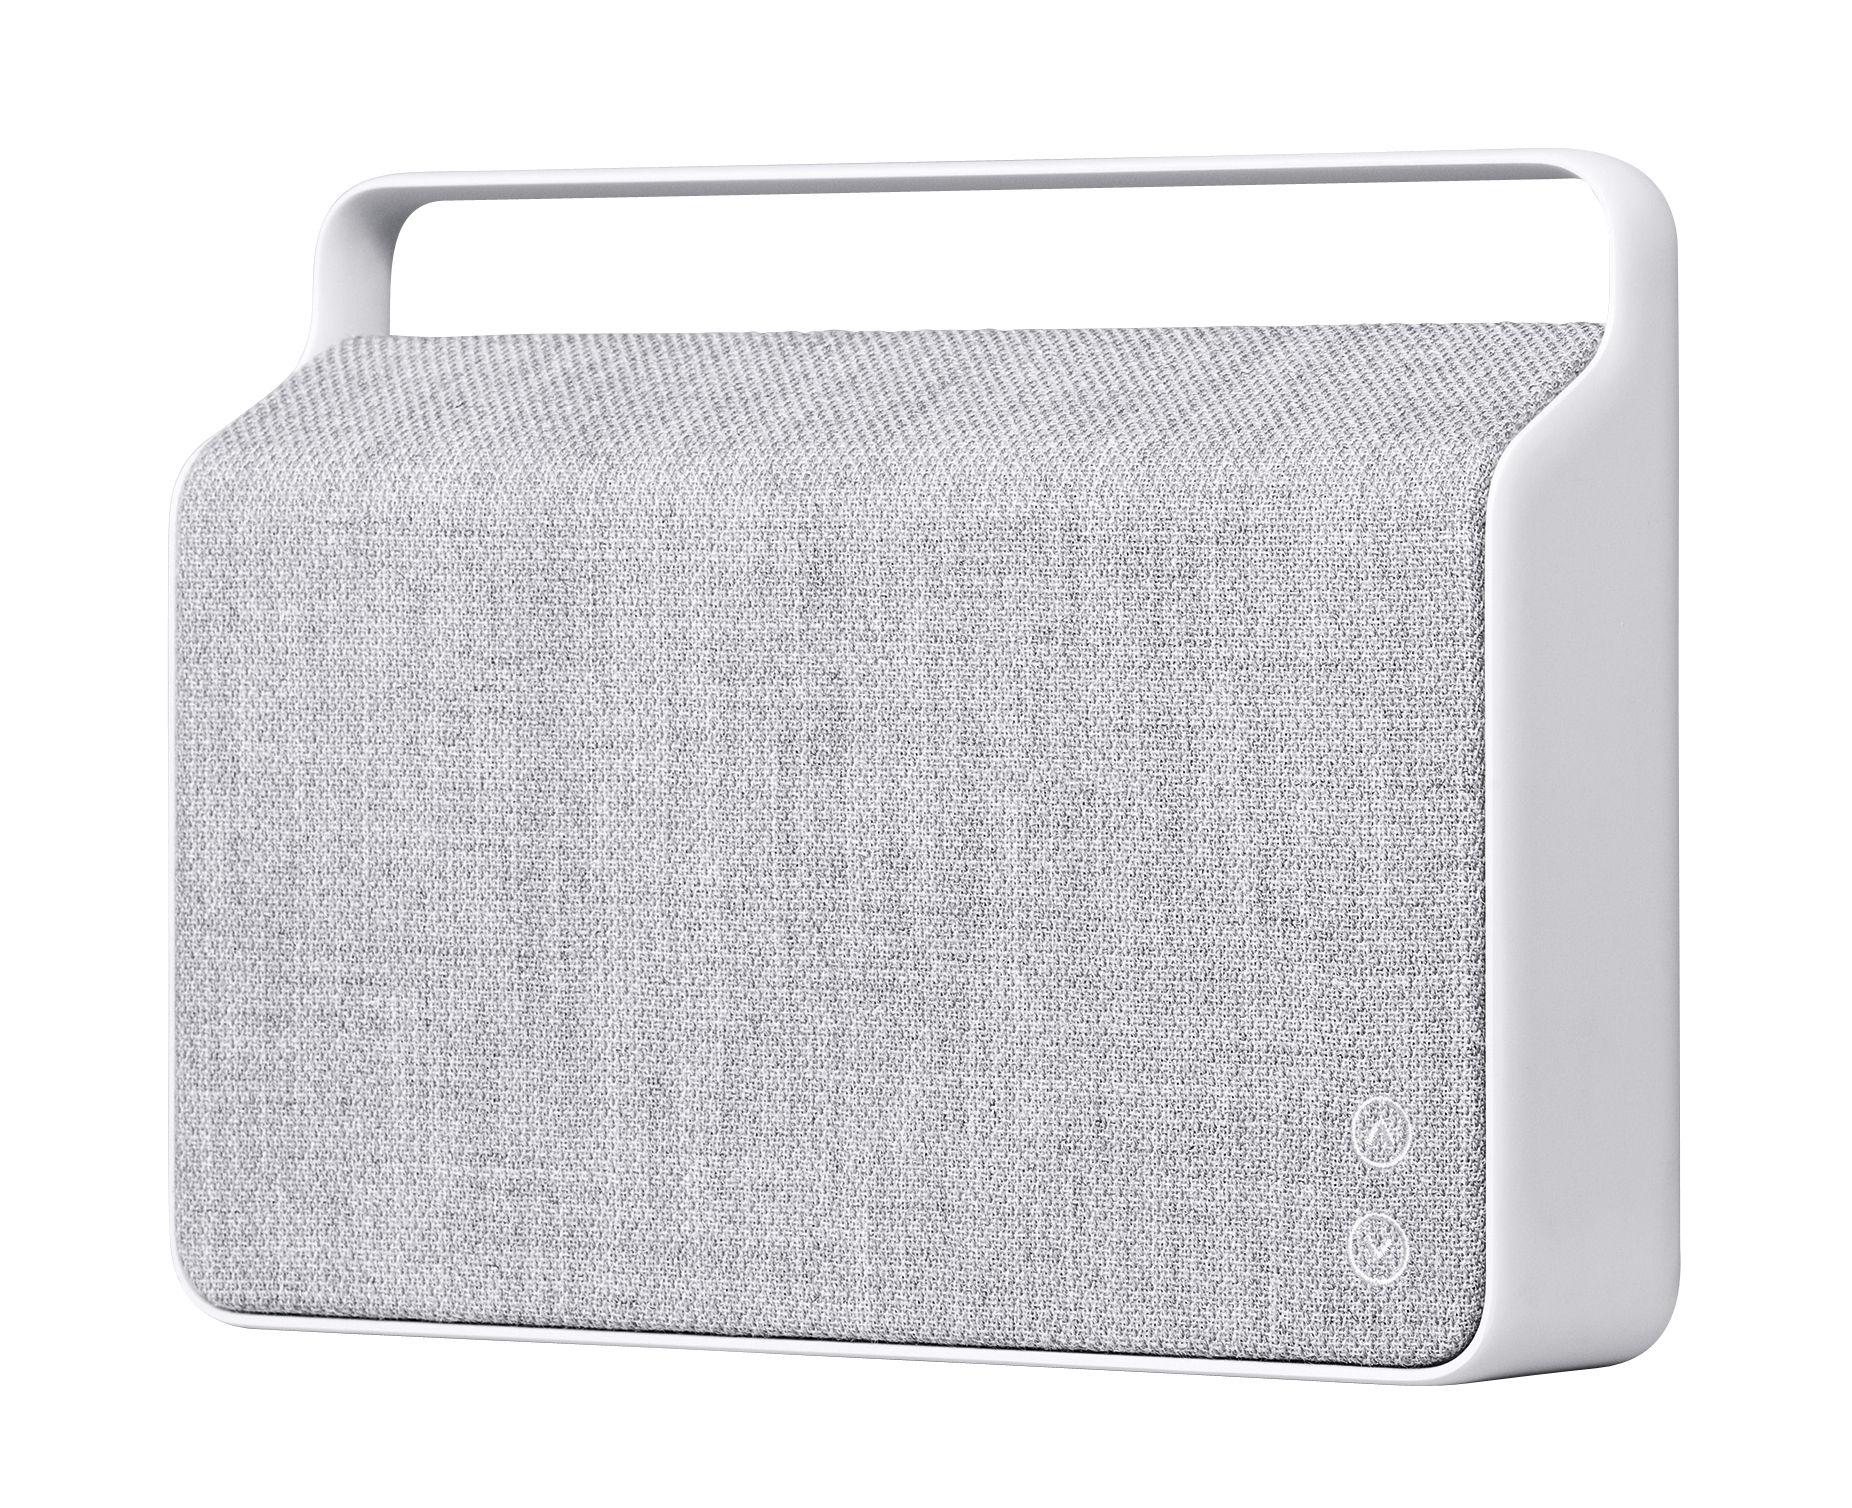 Accessories - Speakers & Audio - Copenhague Bluetooth speaker - Bluetooth / Fabric & alu by Vifa - Silex grey - Aluminium, Kvadrat fabric